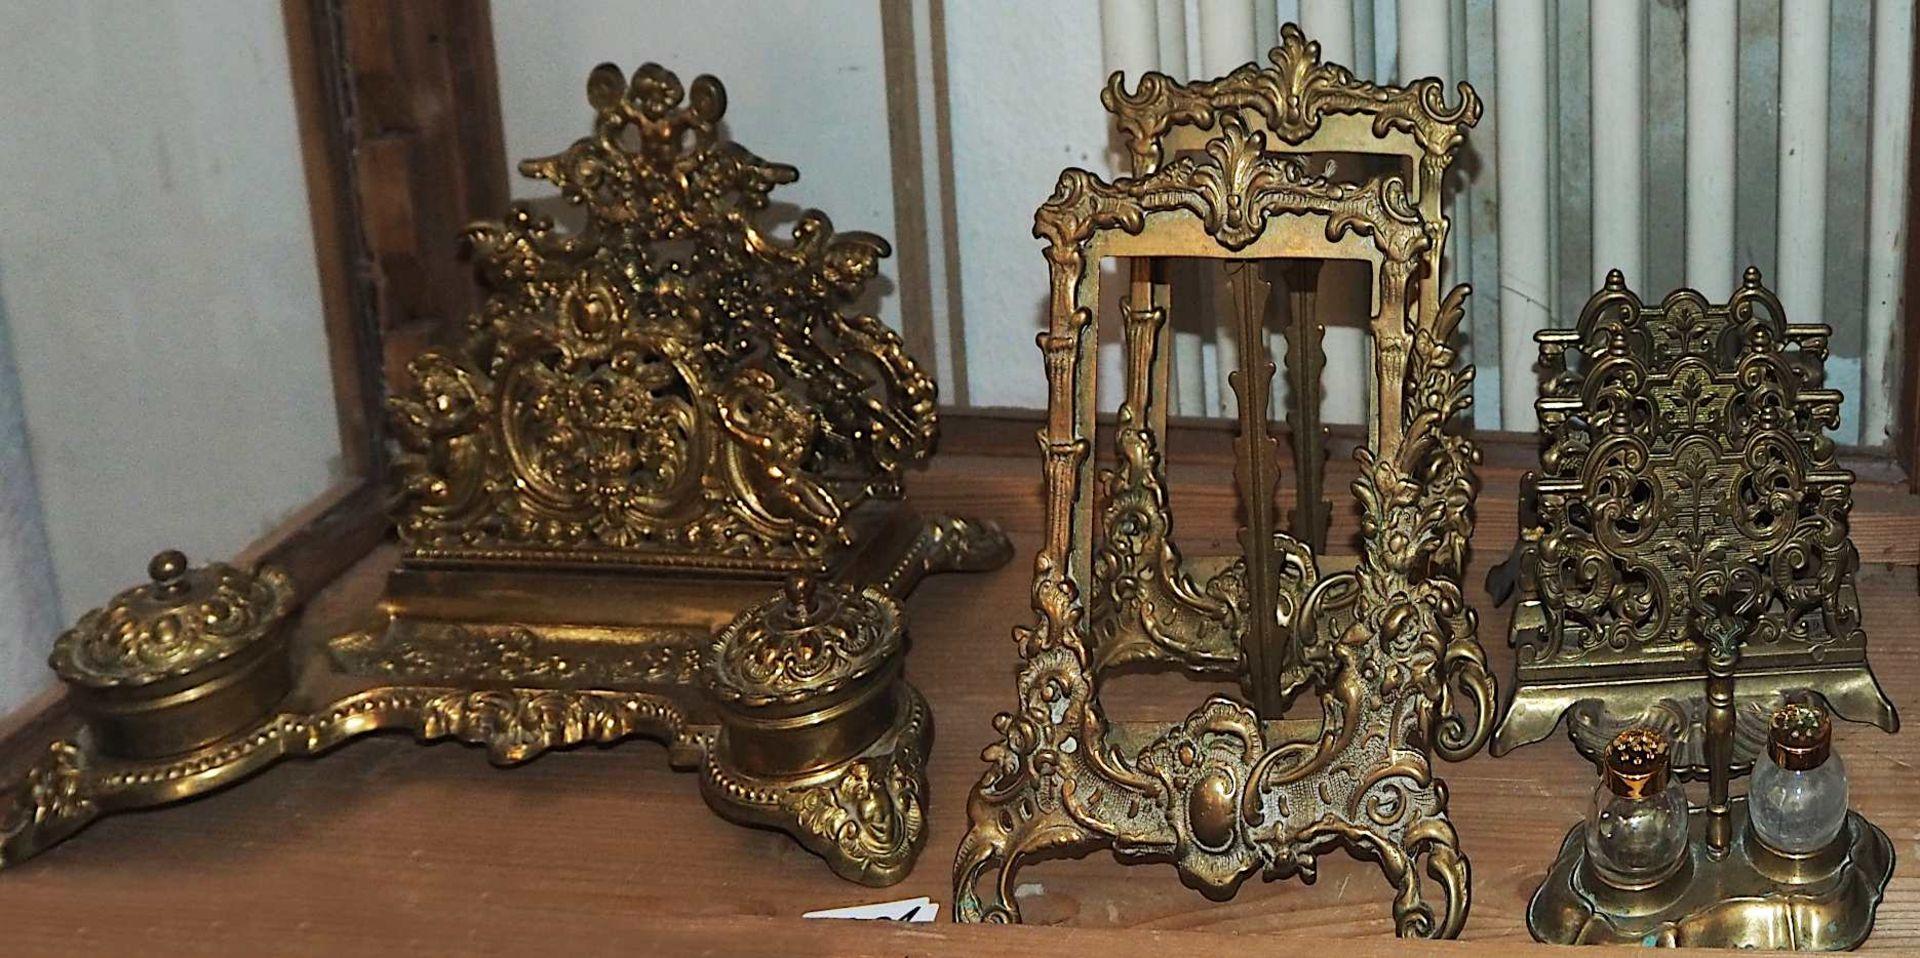 1 Konv. Messing-/Kupferobjekte nztl.: Kannen, Töpfe, Tischaufsätze, Schreibsets, u.a., bis H c - Bild 5 aus 8